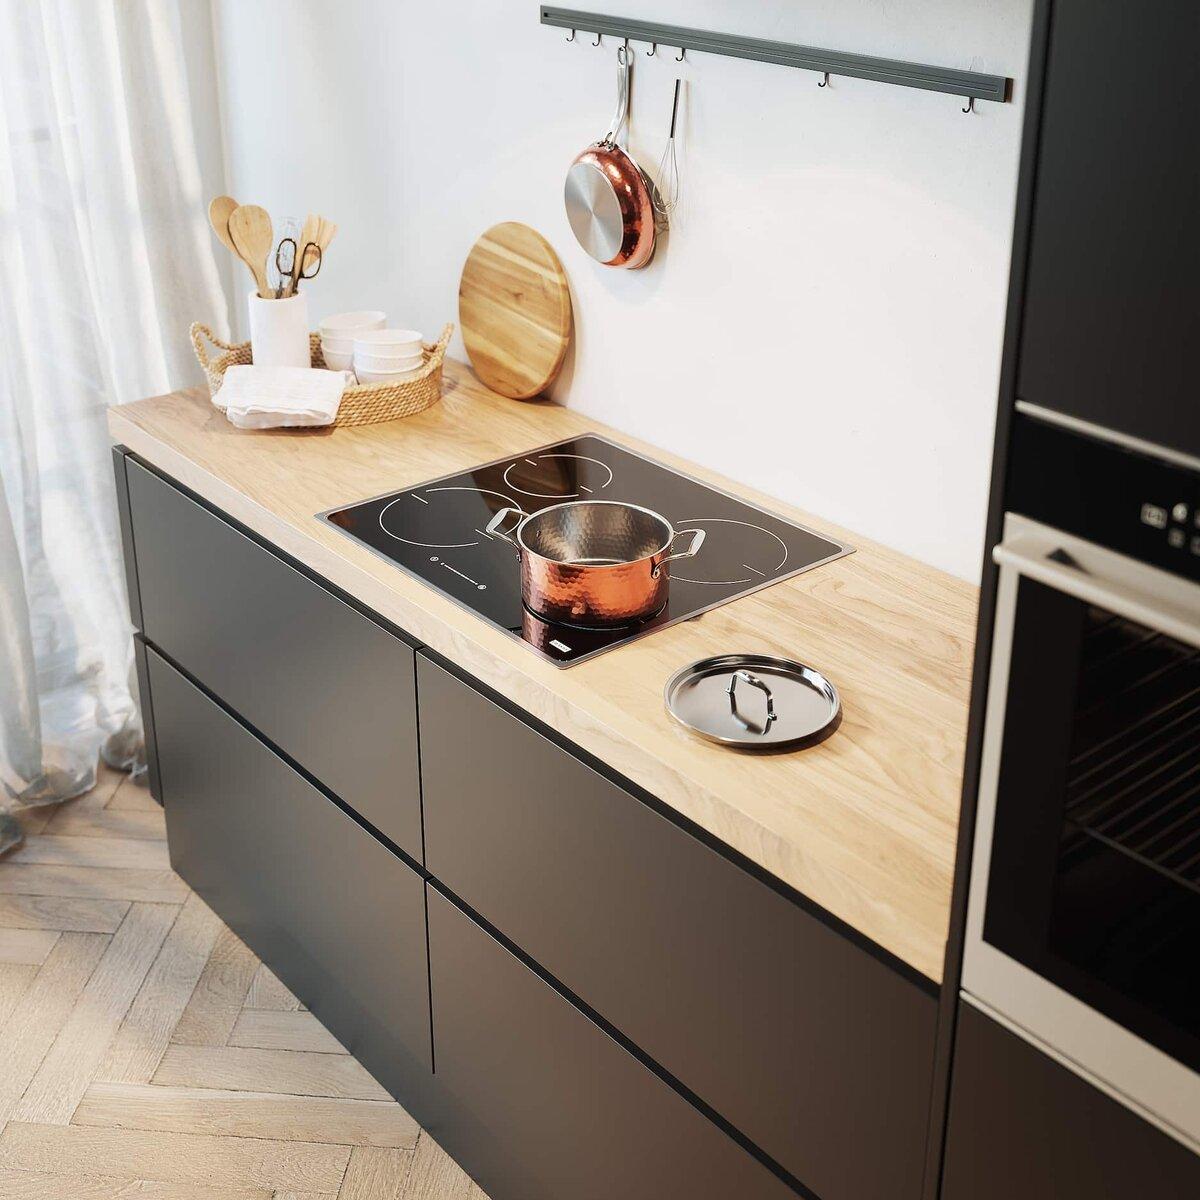 Zwarte keuken met houten keukenblad